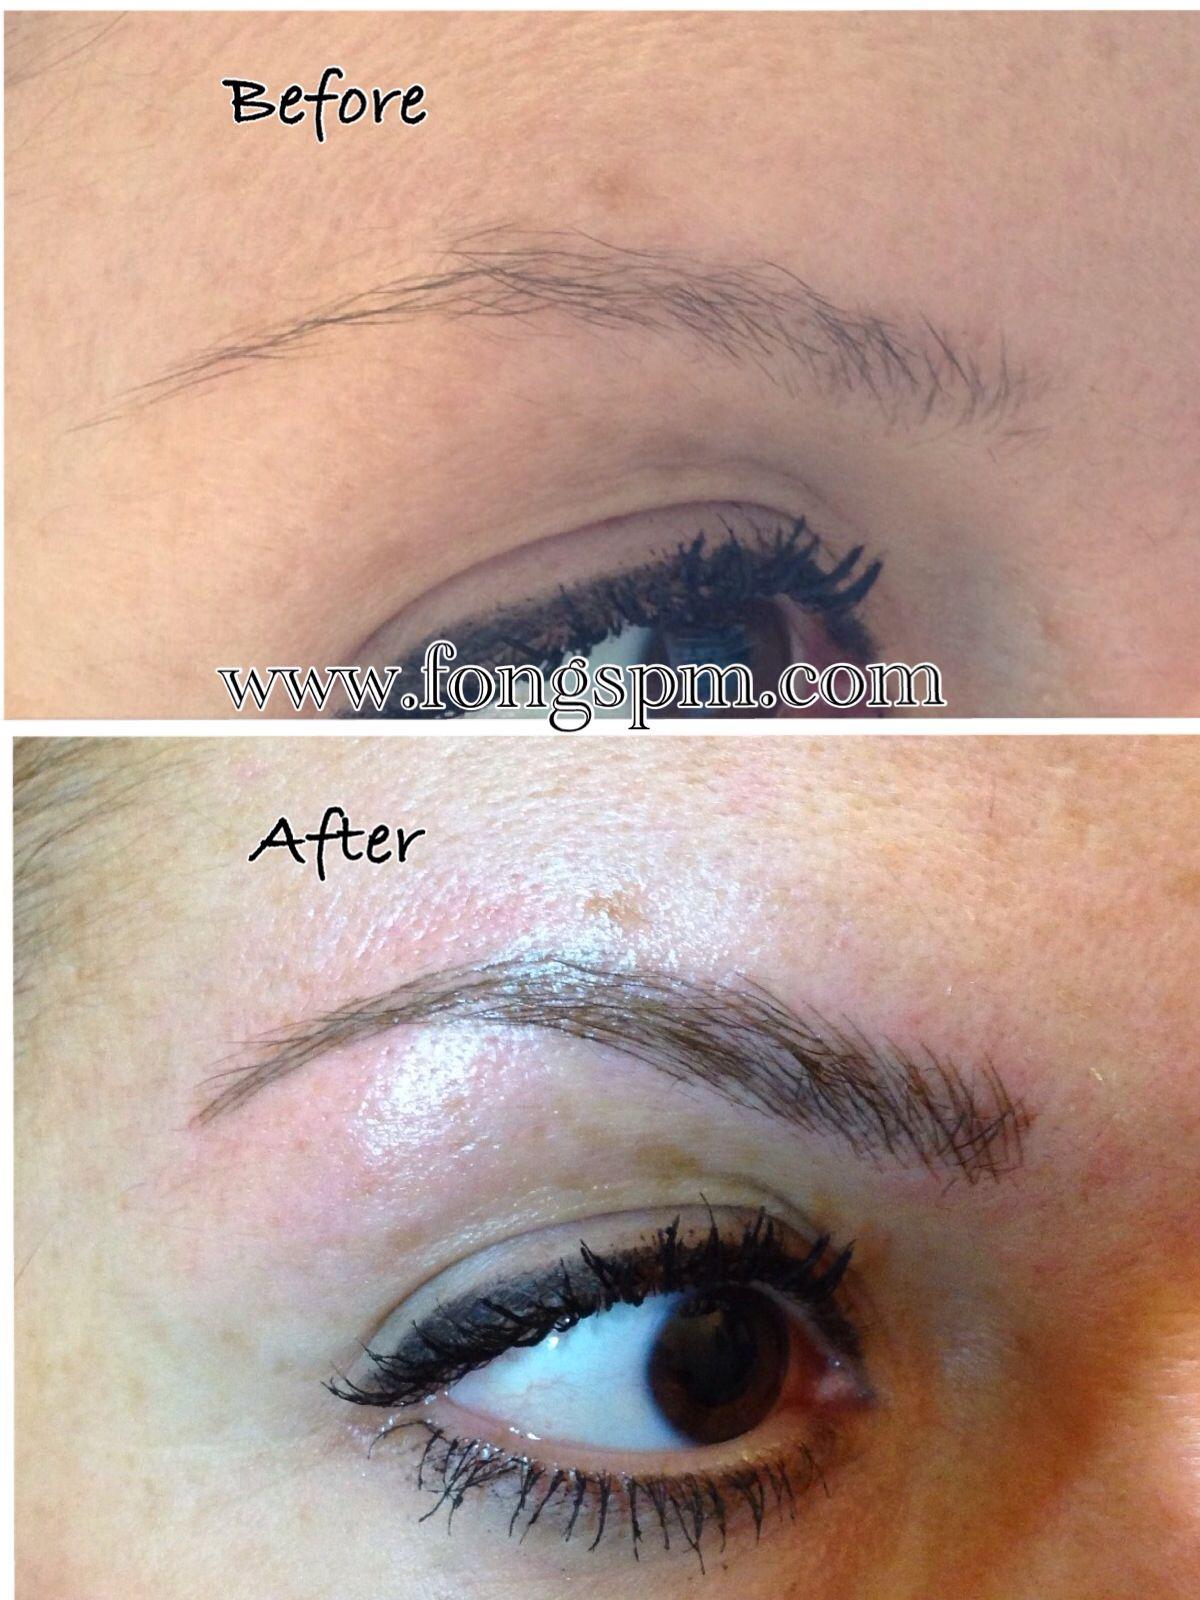 Yin Jeune's Semi Permanent Eyebrows Makeup, created a